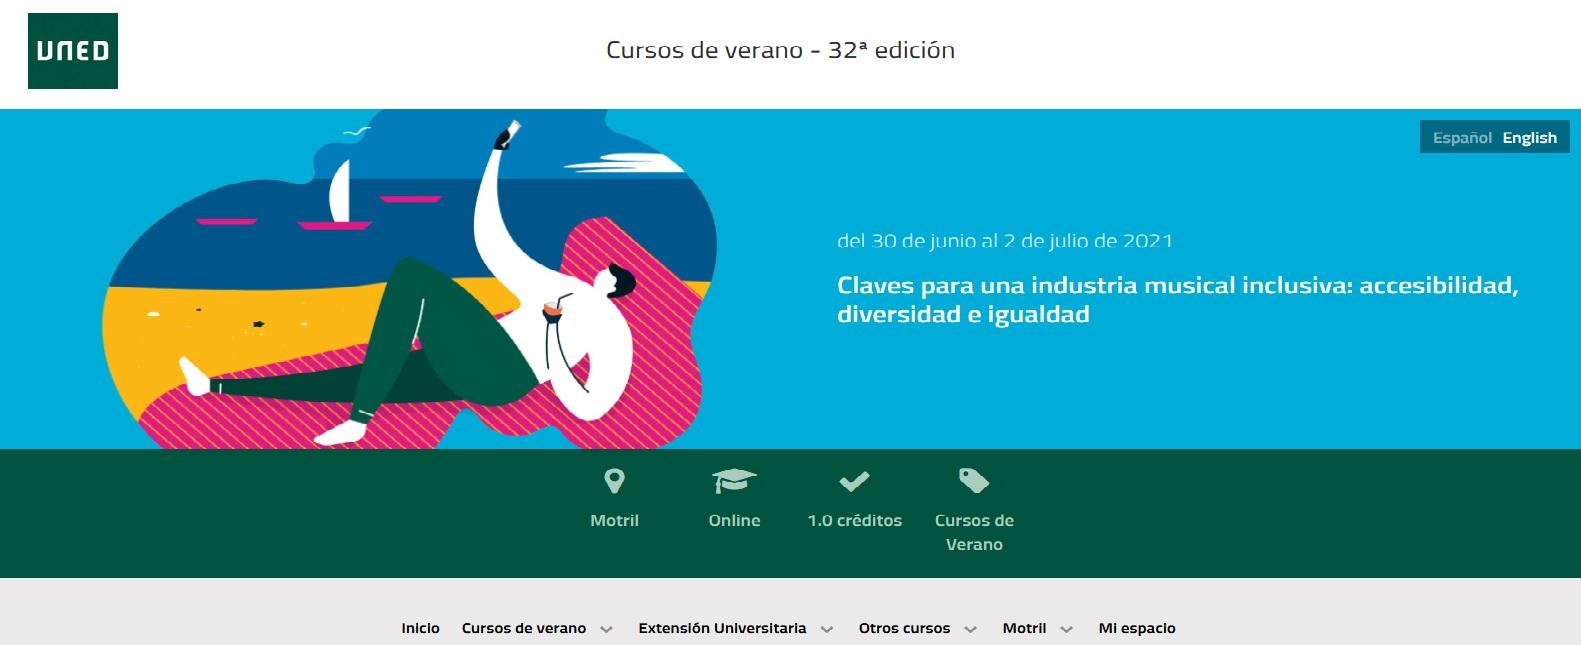 Imagen de la web de la UNED con la información del curso